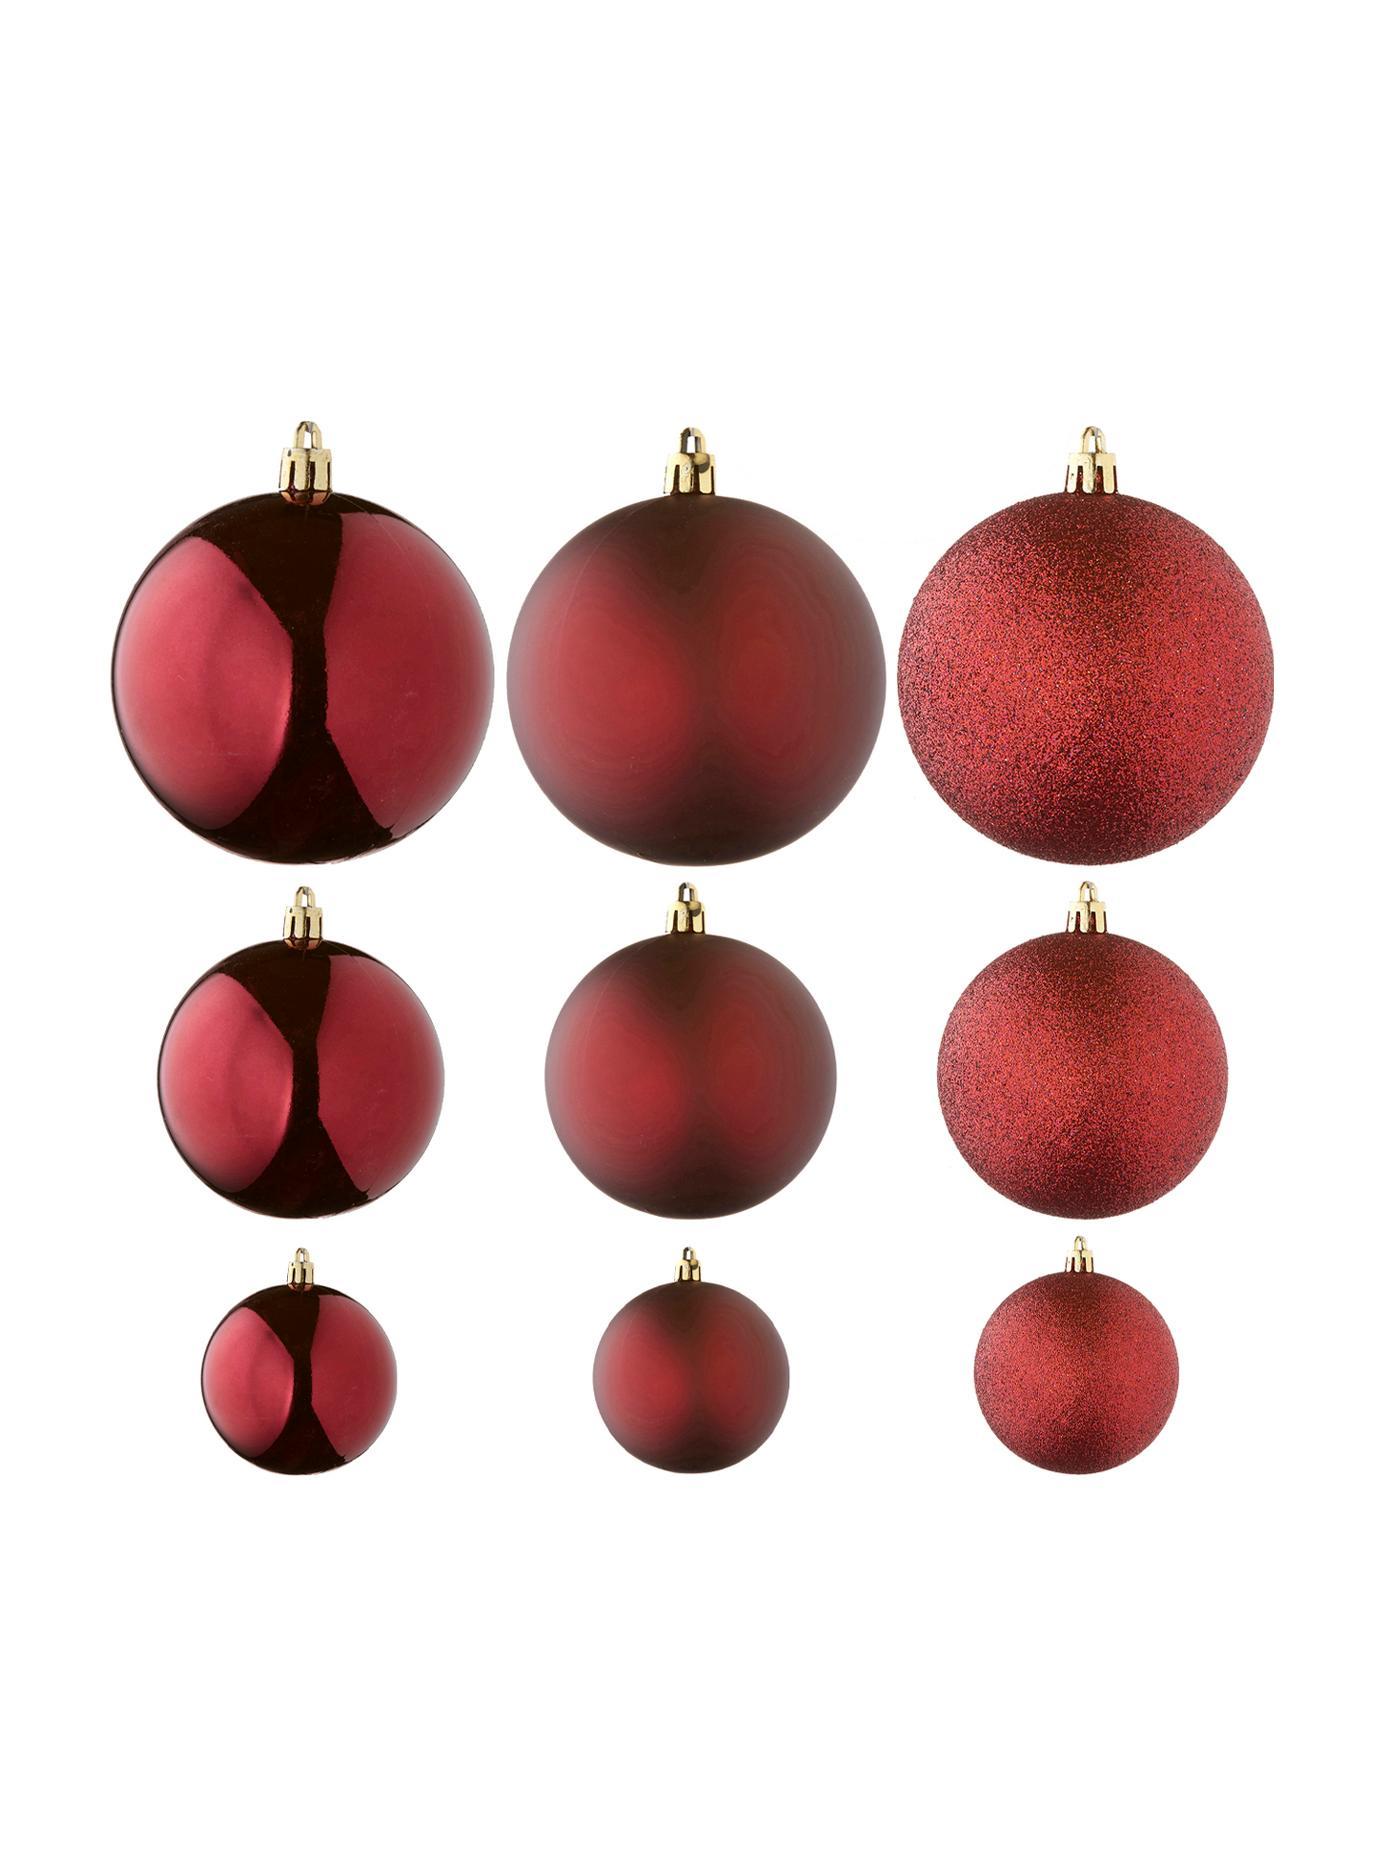 Kerstballenset Silvia, 46-delig, Kunststof, Donkerrood, Verschillende formaten